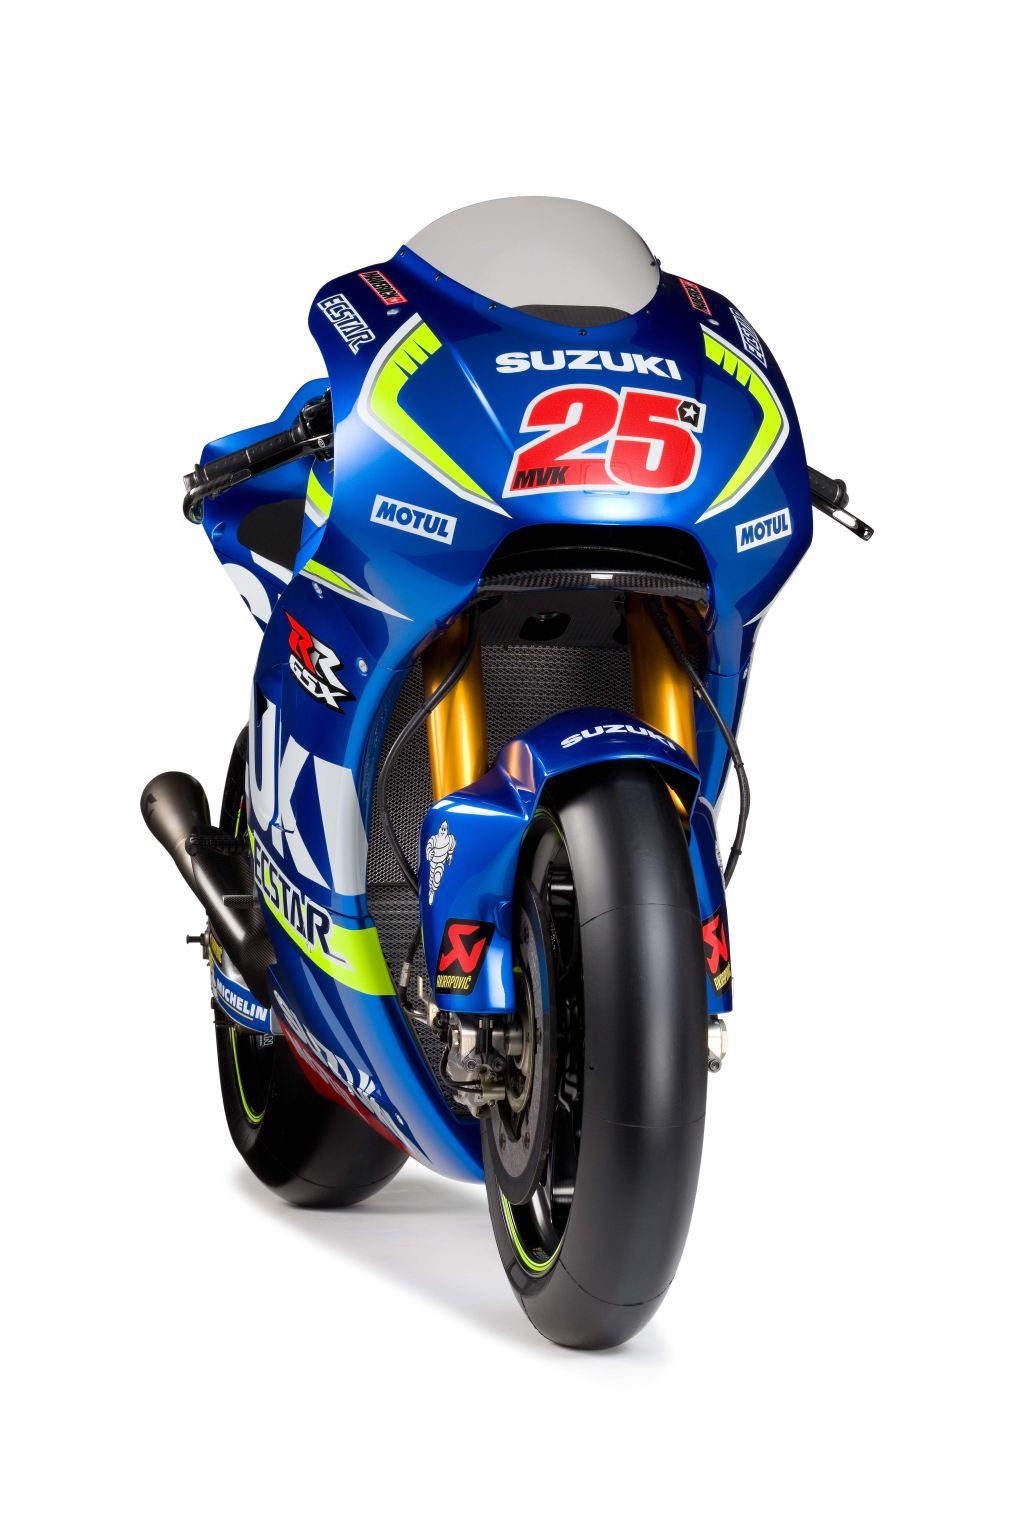 Suzuki, 2016 MotoGP'de Bu Motosikleti Kullanacak 1. İçerik Fotoğrafı